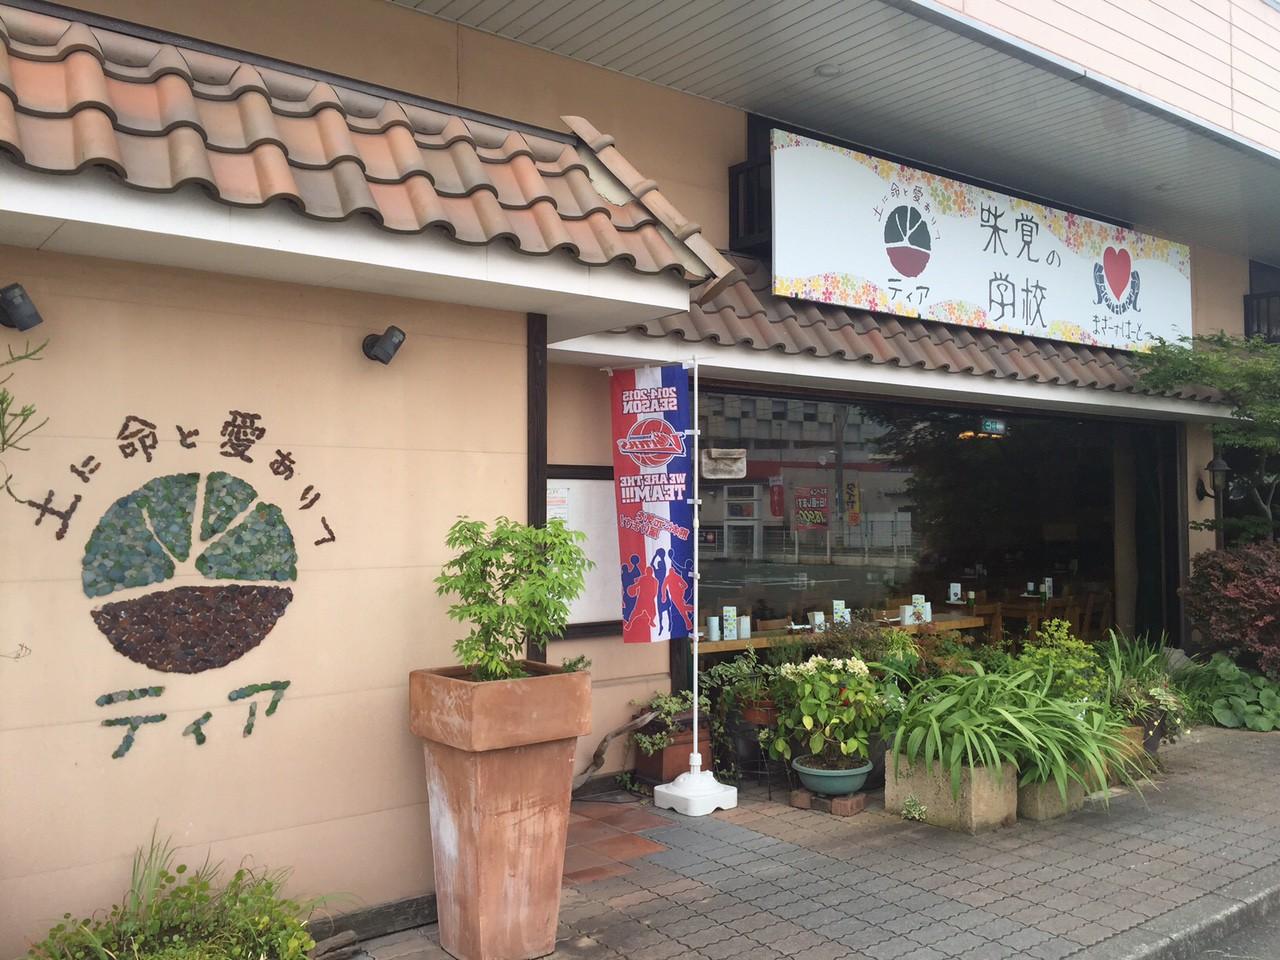 土に命と愛ありてーティア 熊本本店